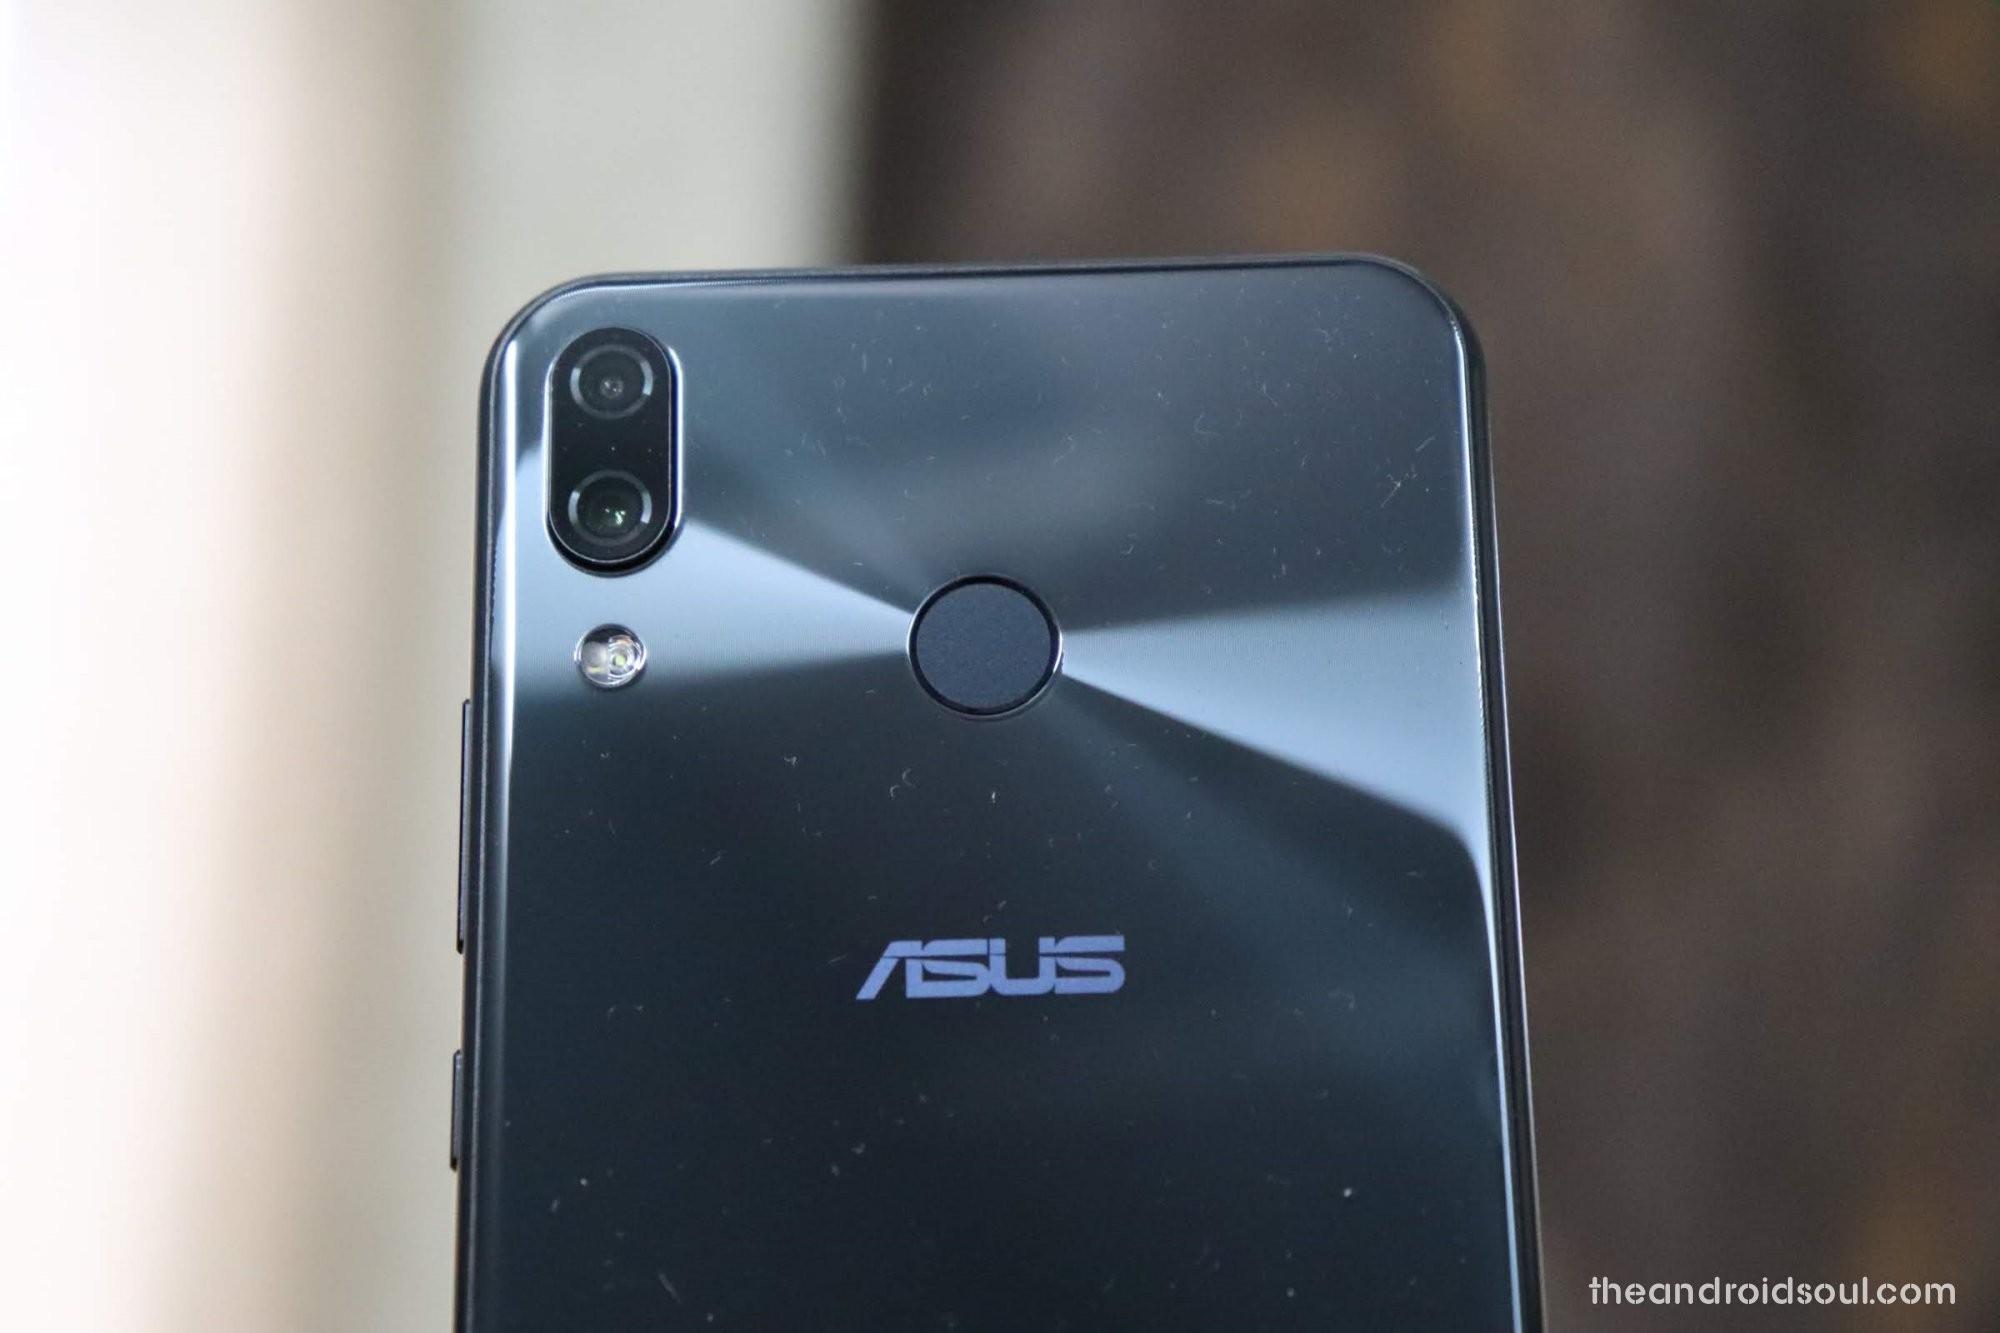 Asus Zenfone 5Z software update